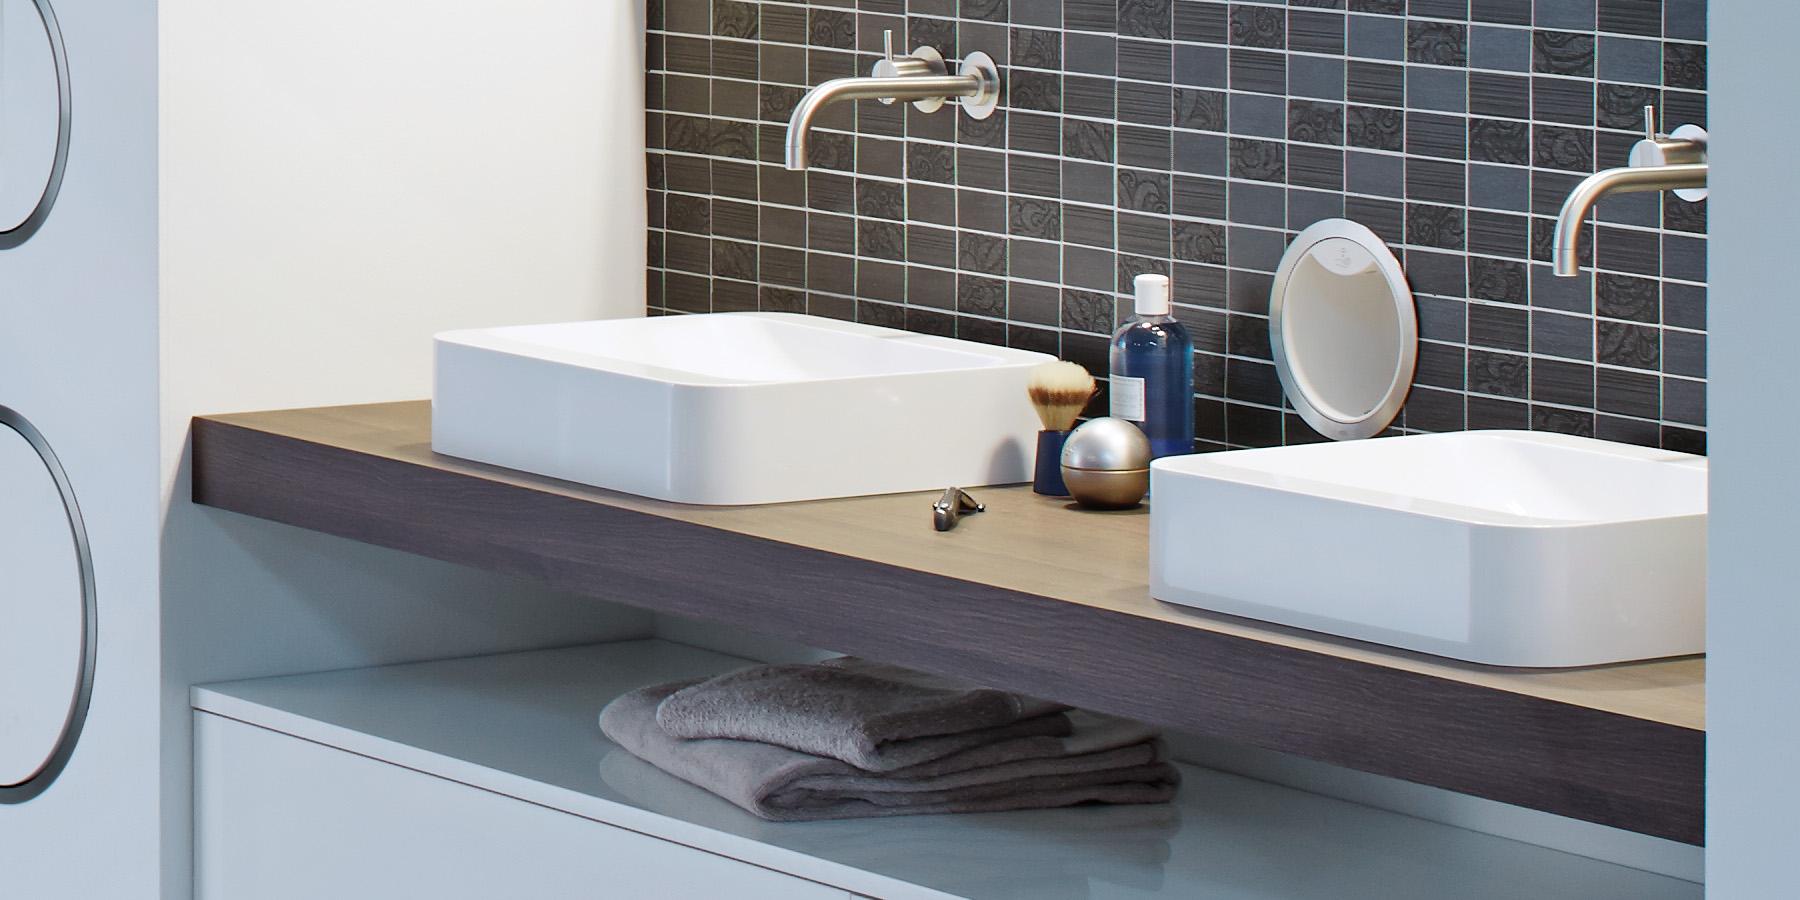 Platz sparen mit Badunterschränken